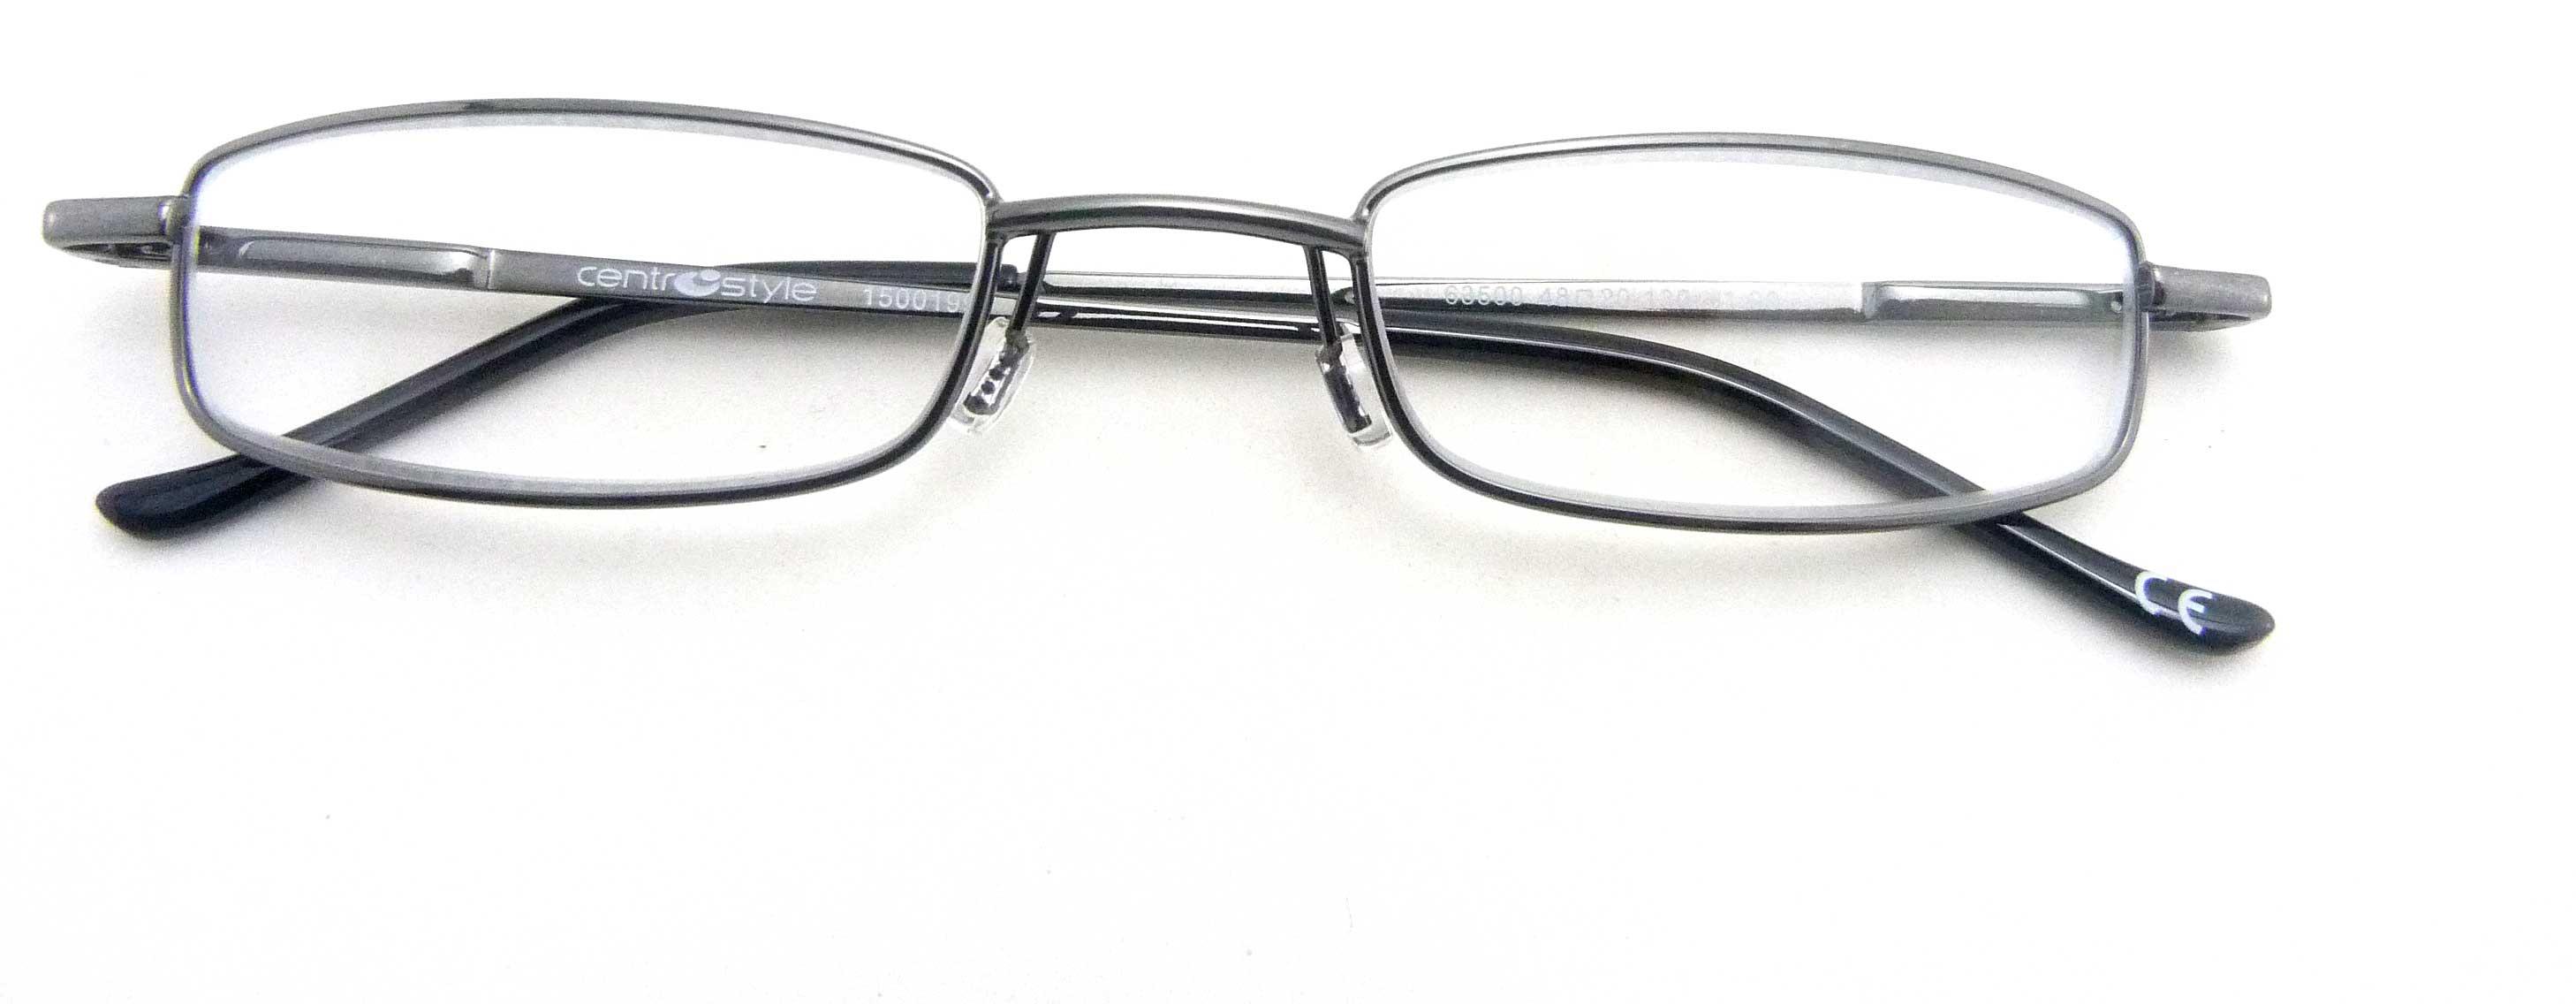 DETALHES FOTOS · 0263500 - Óculos Leitura Flex AT +1,00 GunMetal Mod 63500  FLAG E ... 6c14ea5e0d